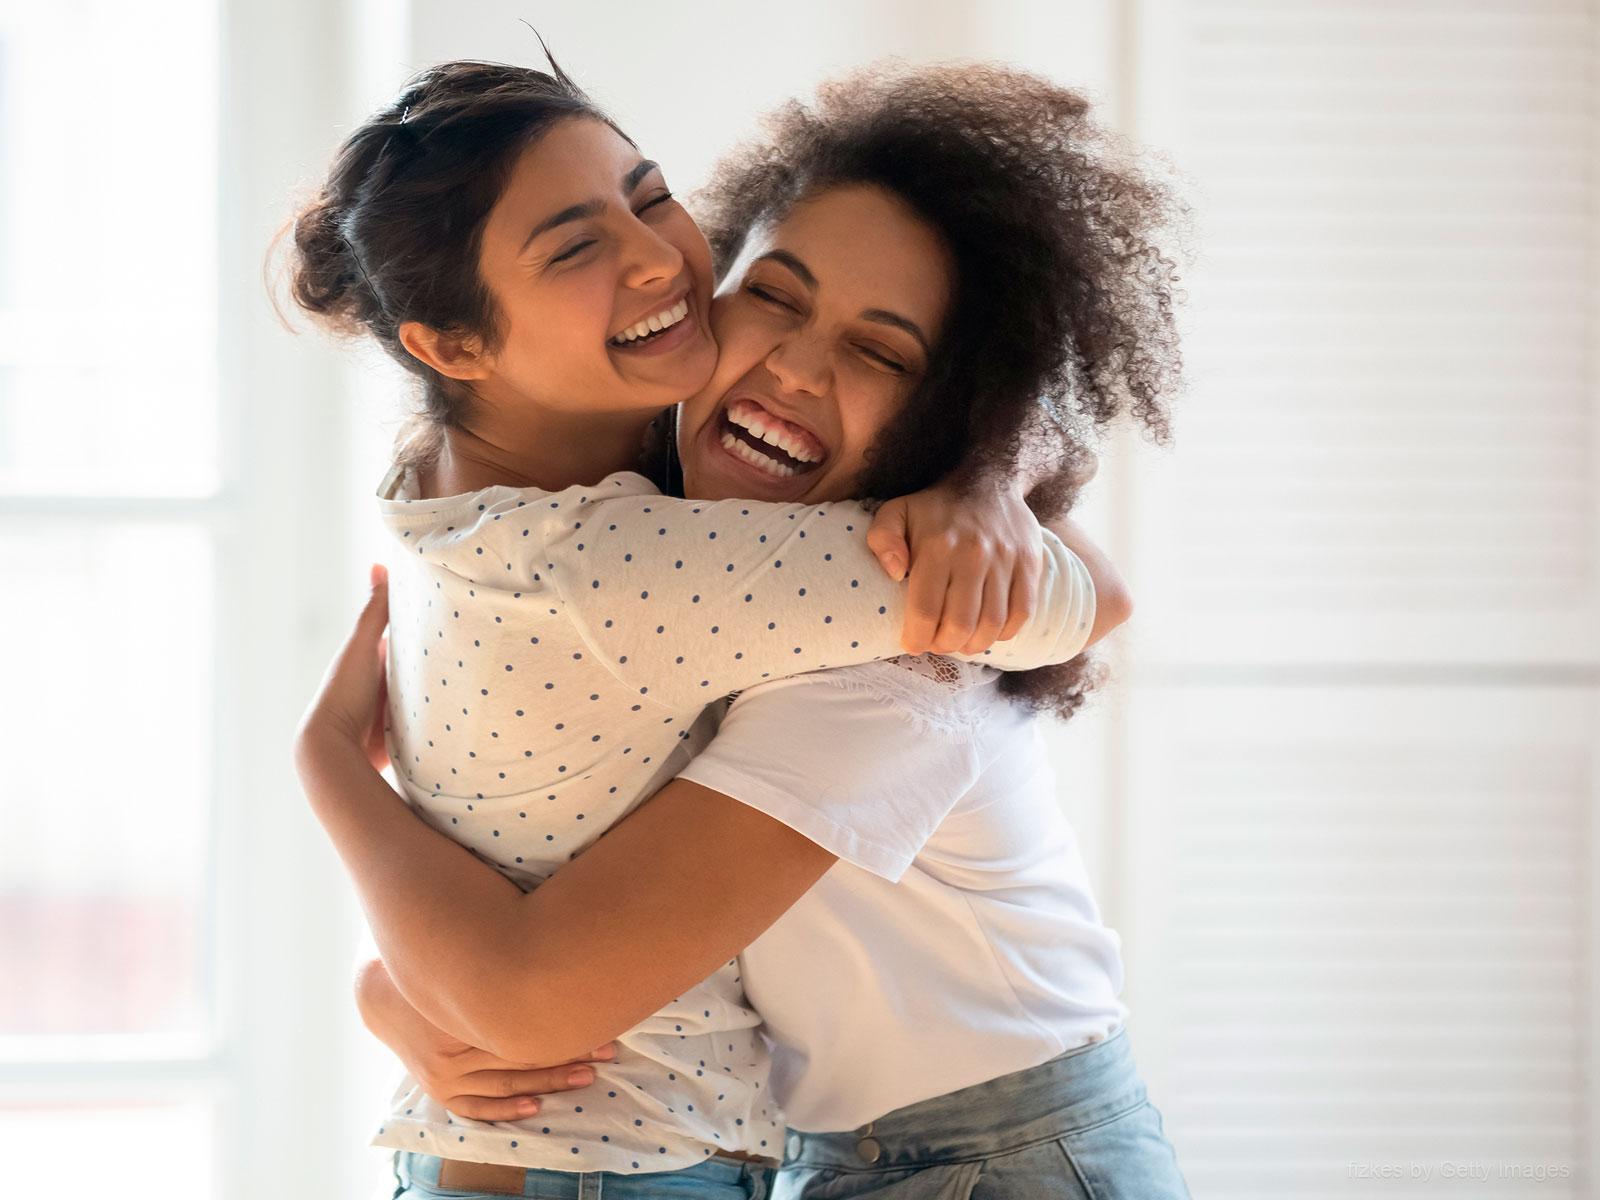 Como-podemos-reconstruir-uma-amizade